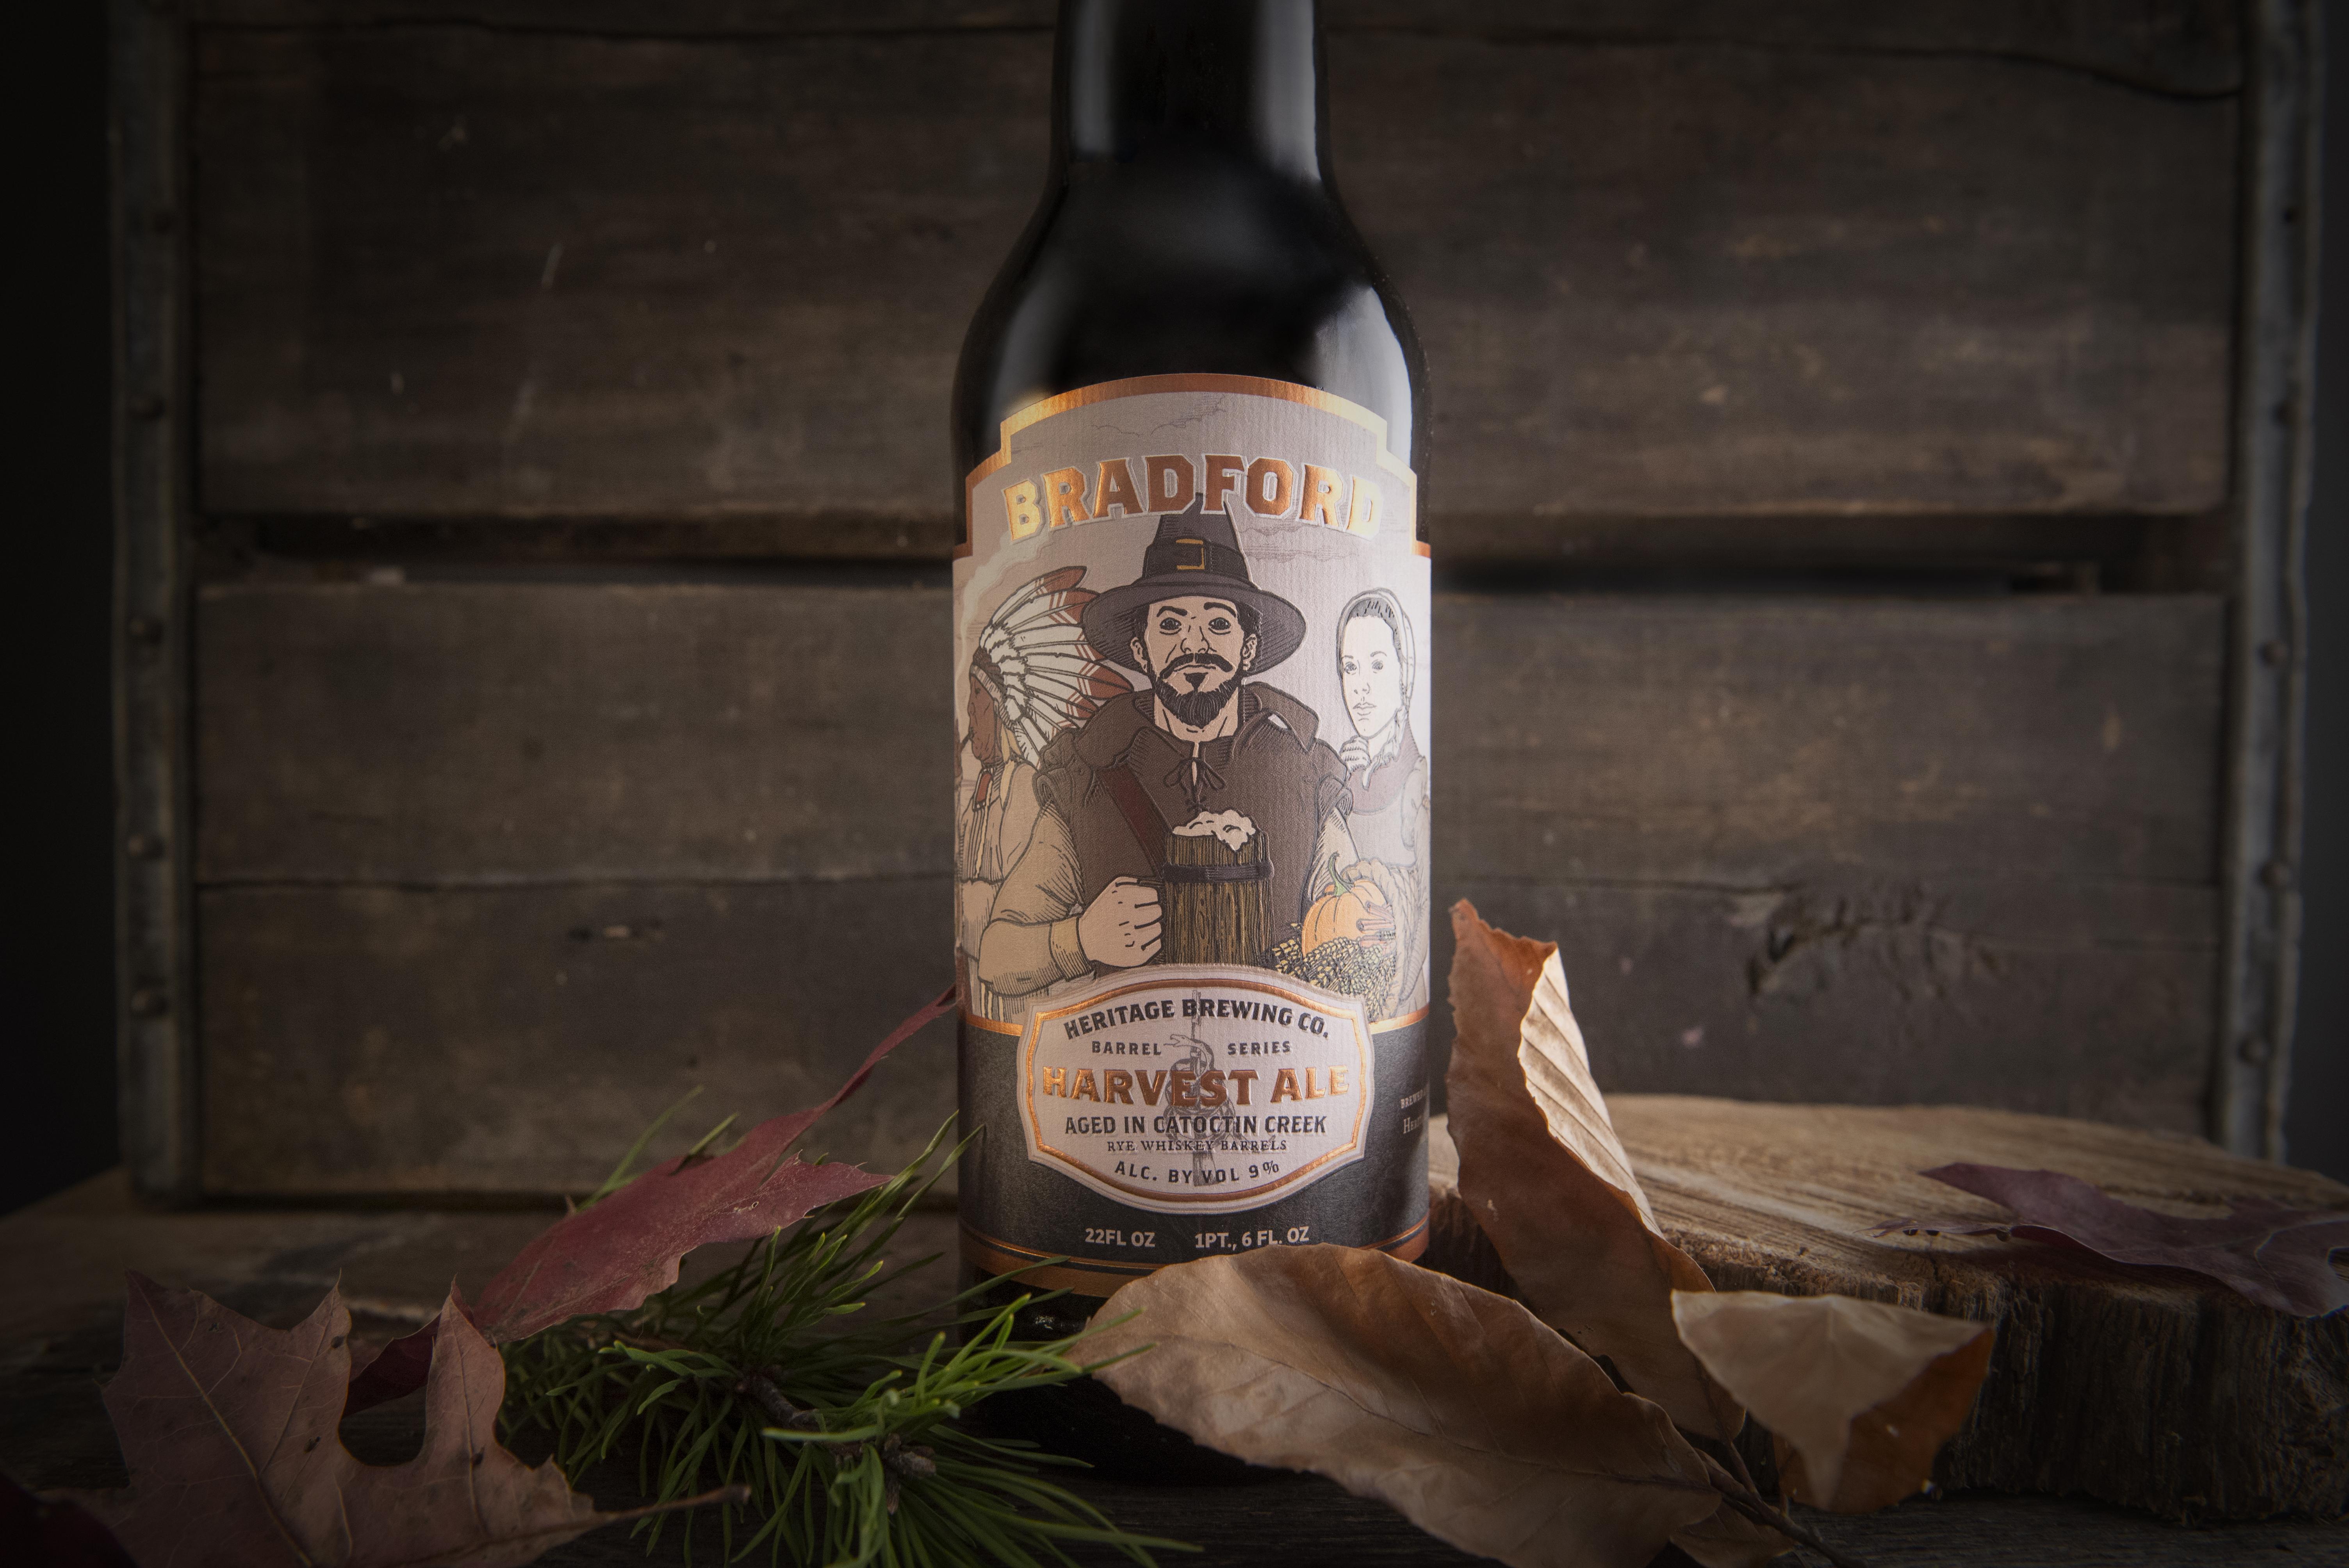 Rye Whiskey Barrel Aged Bradford 4